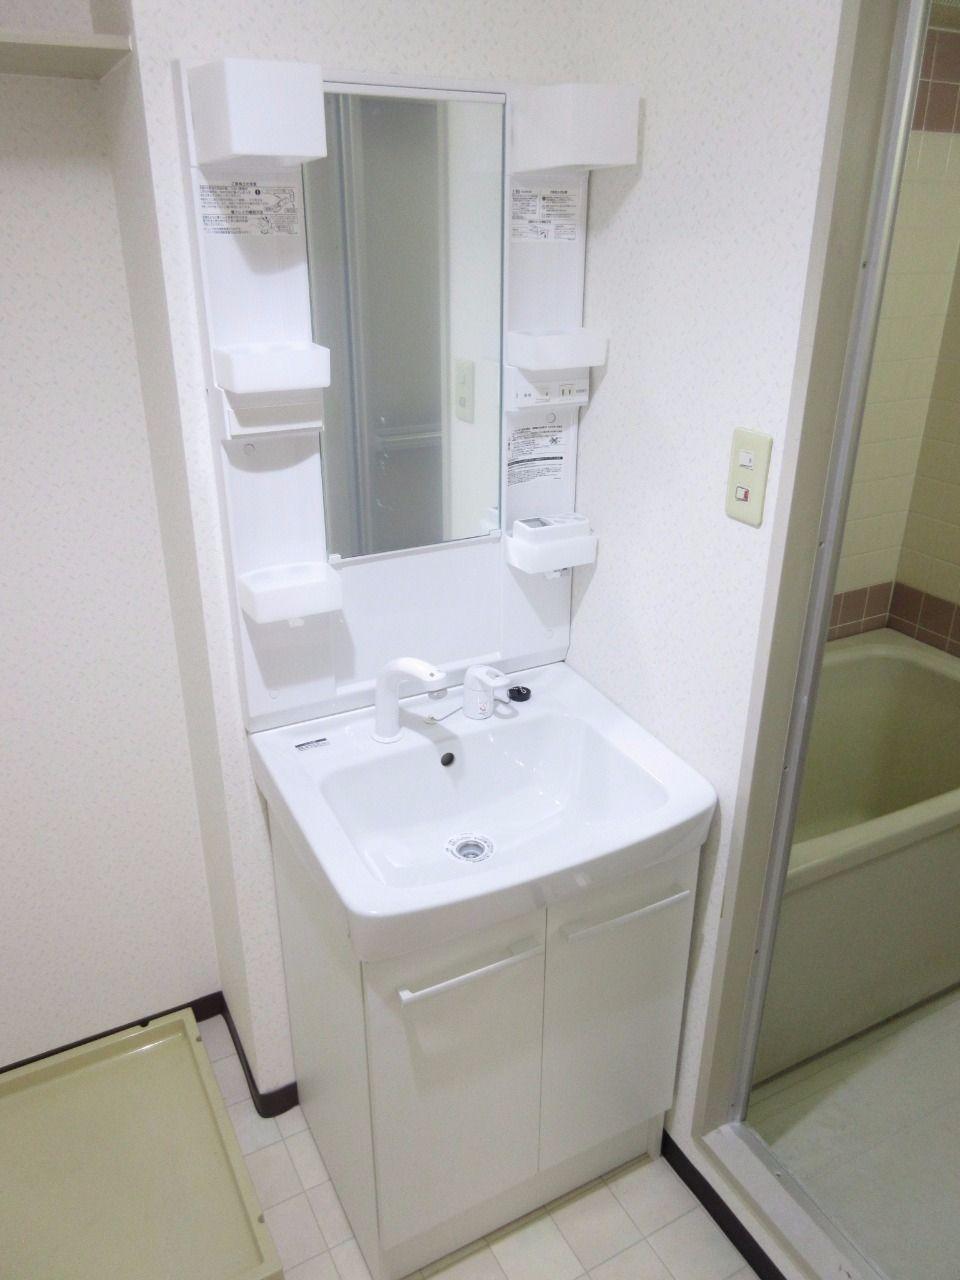 新品の清潔感溢れるスタイリッシュなデザインの洗面化粧台です